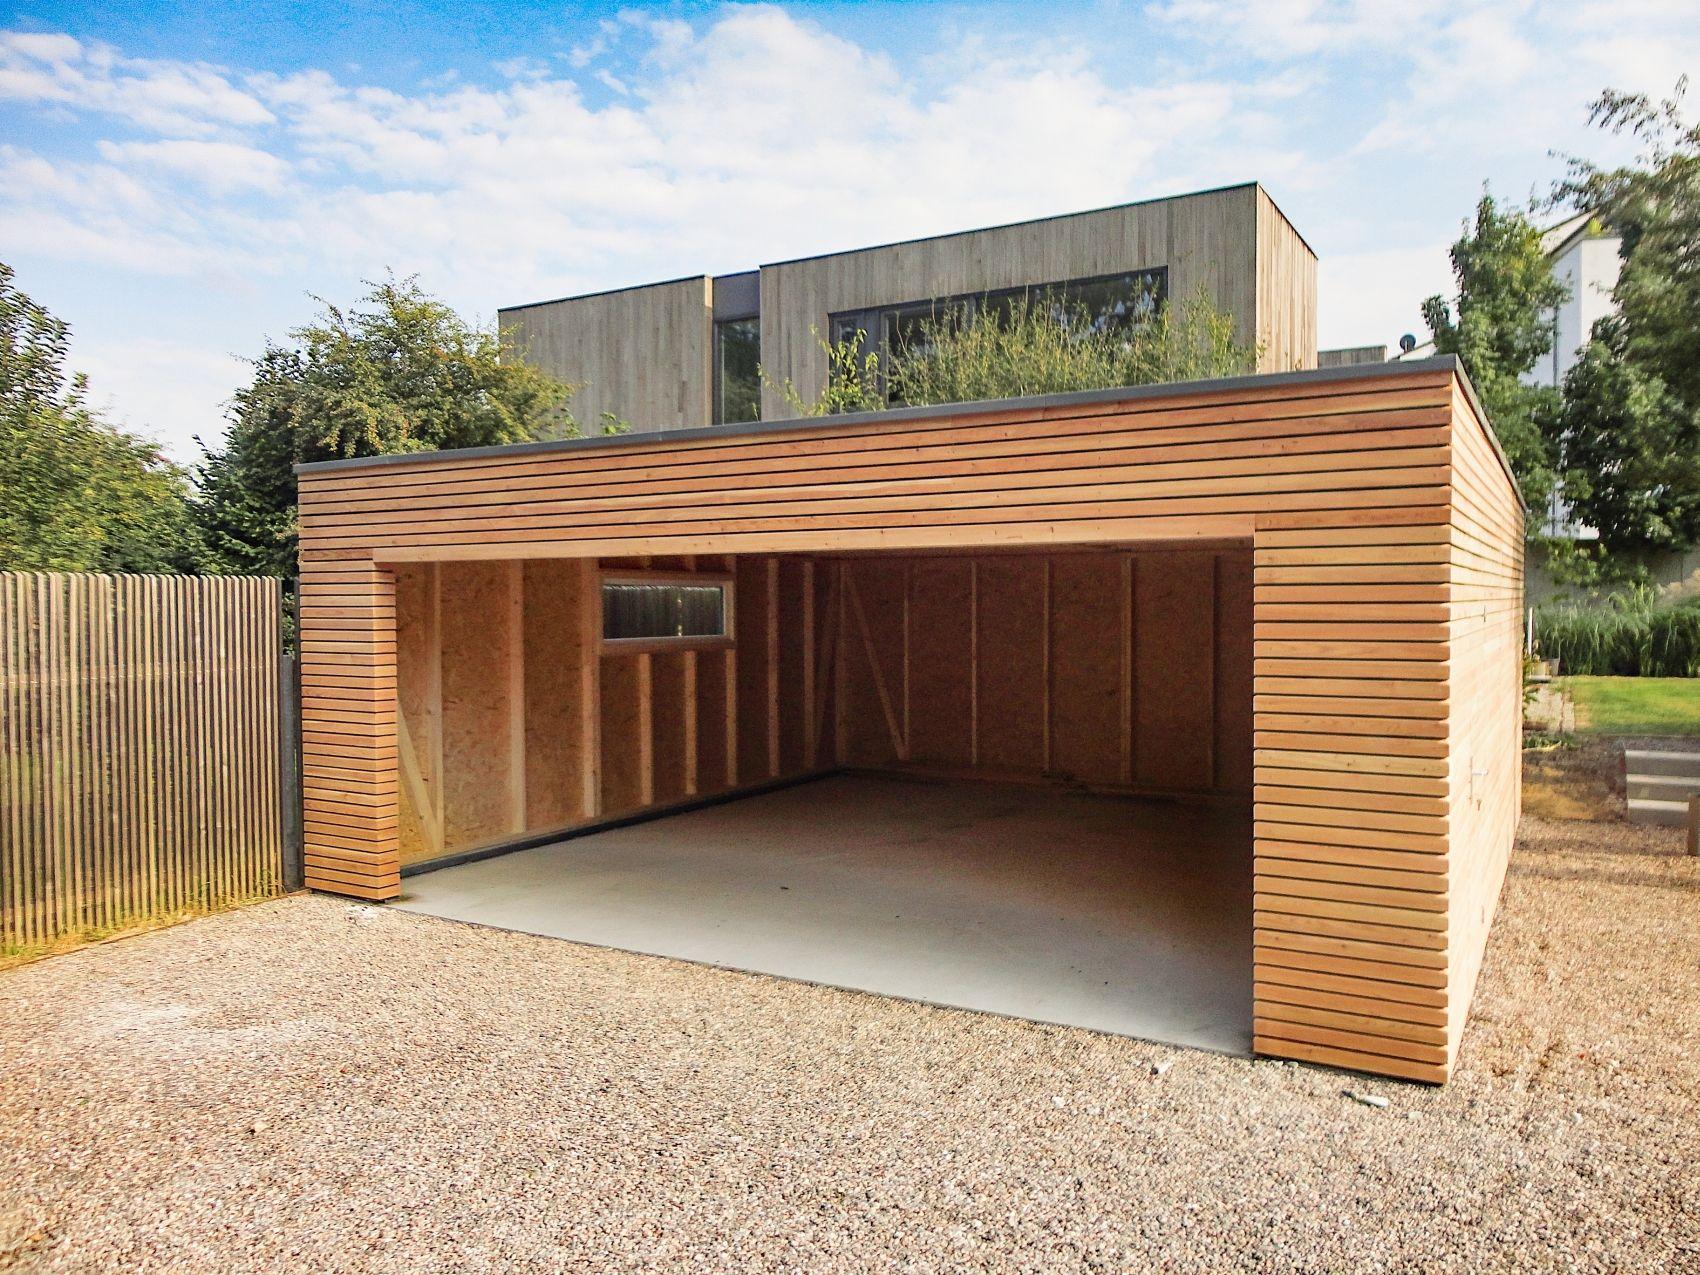 Holzgarage NATURHOUSE Holzgarage, Doppelgarage, Garage